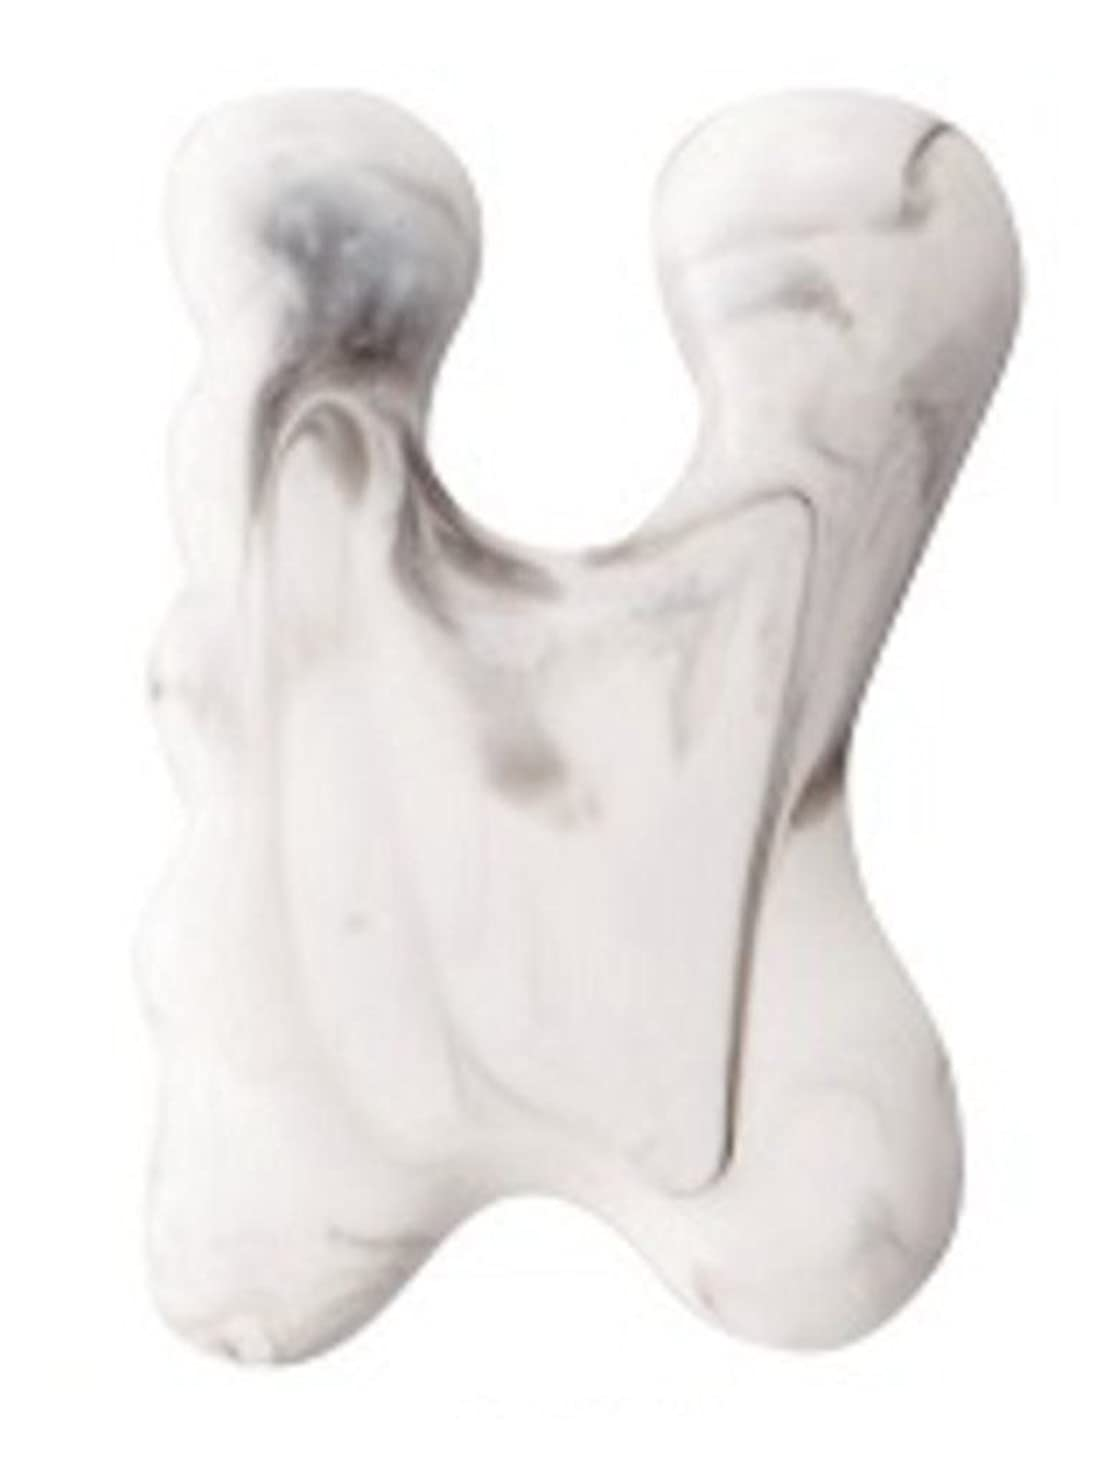 大気プレゼントマイクロフォンカッサプレート マッサージプレート 顔 目元 眉間 手足のツボ 腕 首 特殊な形状がお肌にフィット